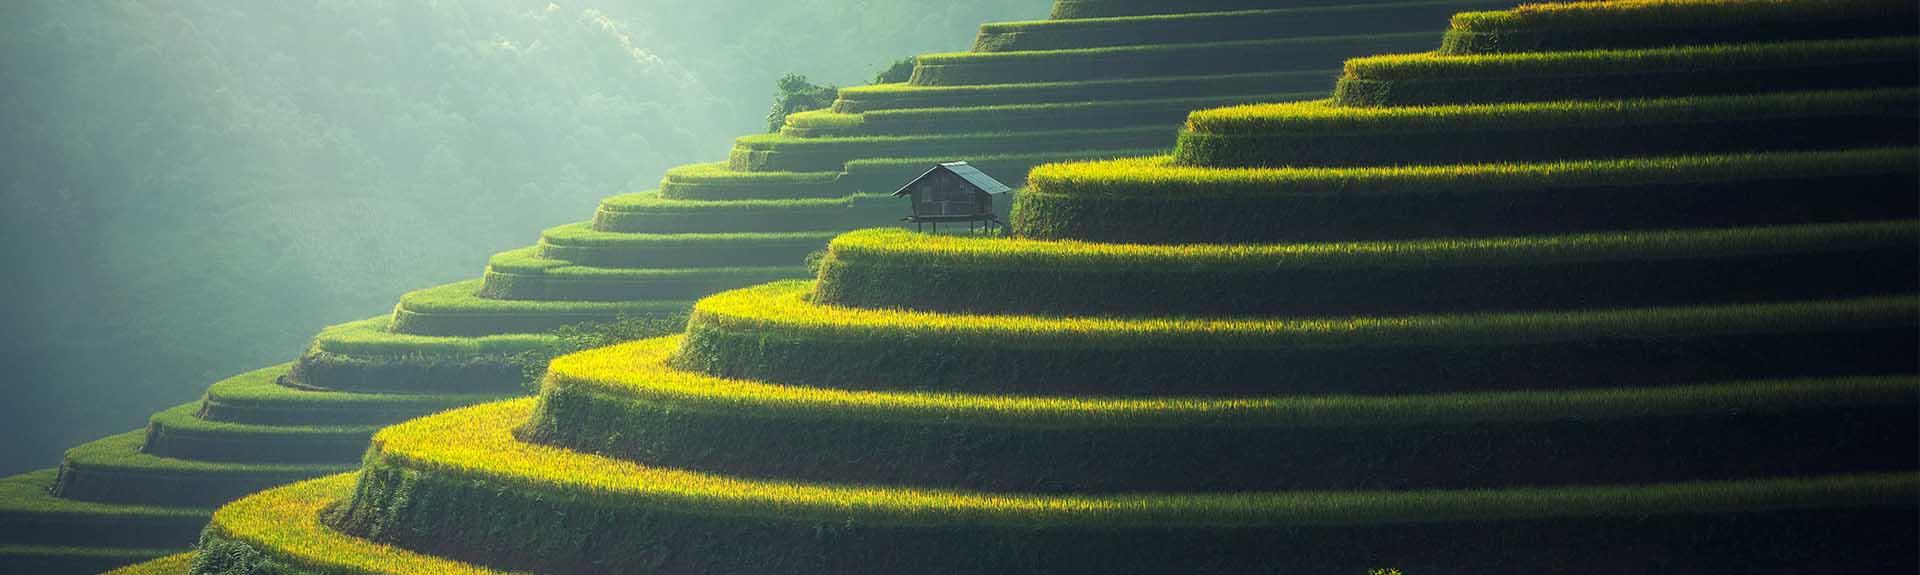 Penser la conversion écologique avec les traditions asiatiques-Cours UNIVA